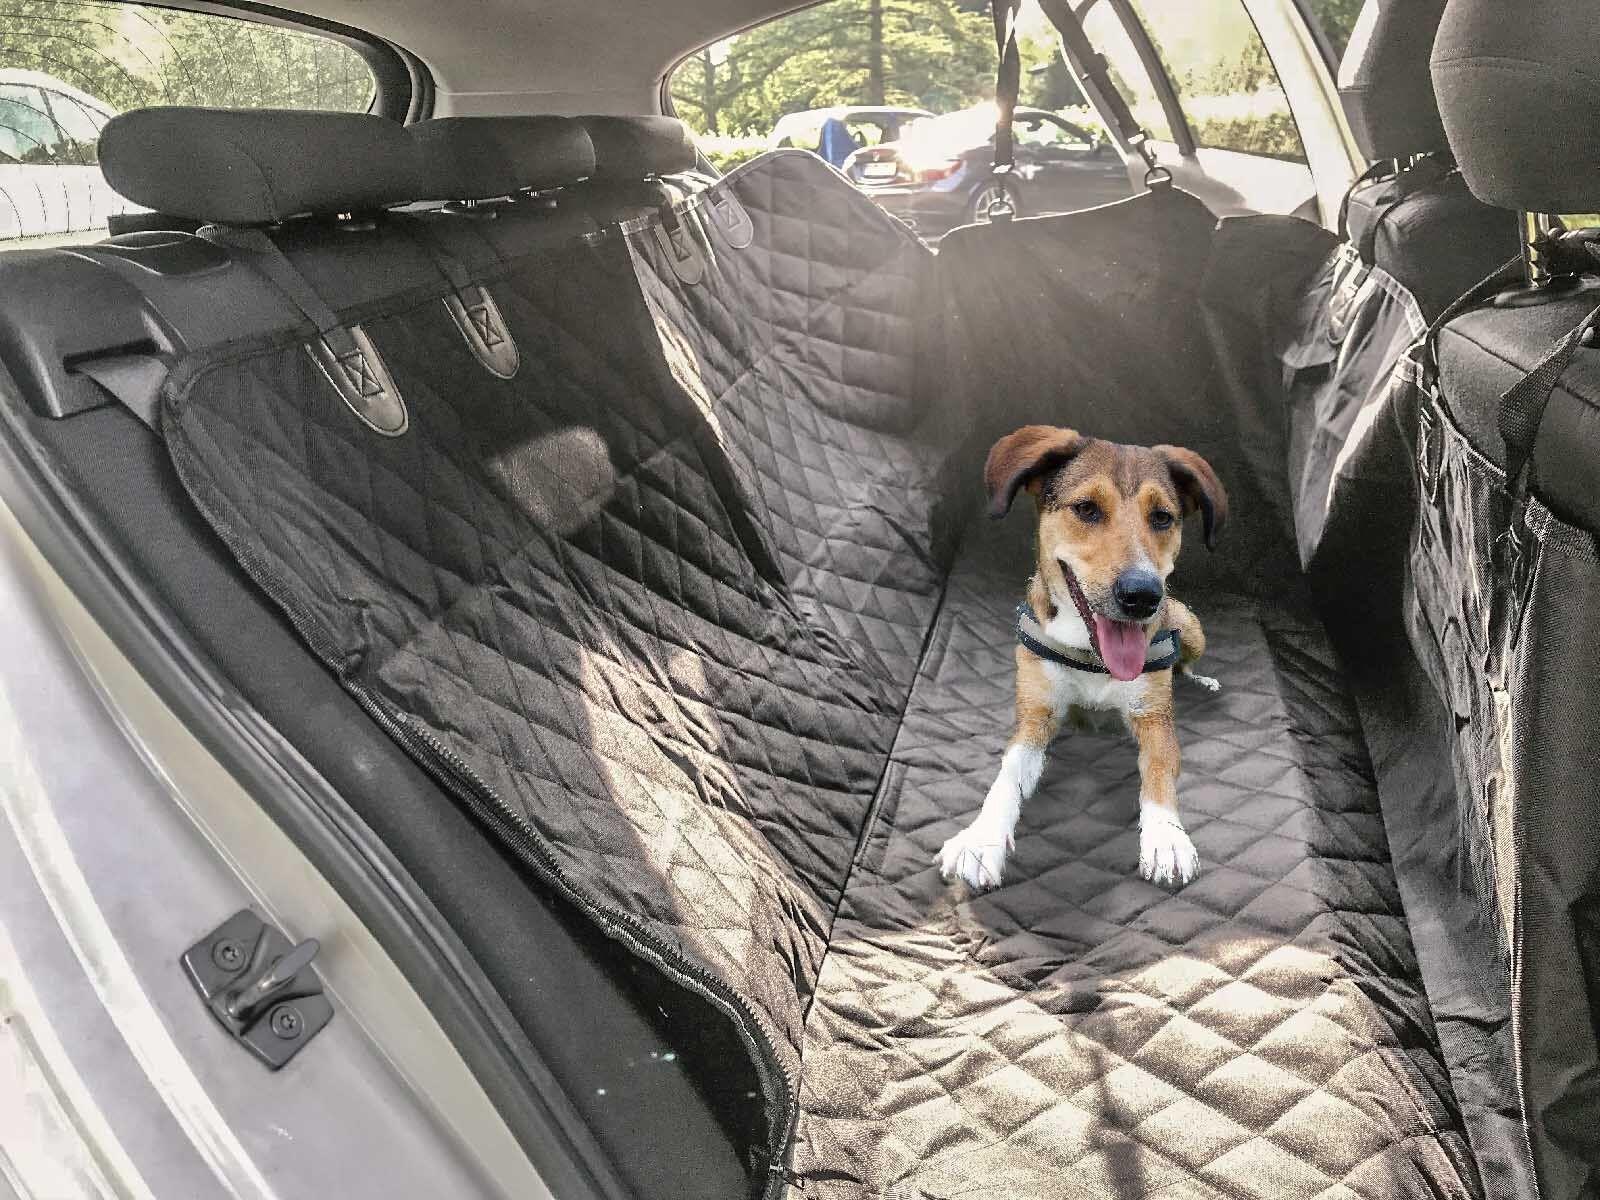 Auto Hundematte Hundedecke Schmutzdecke Haustierdecke Schondecke Hundespieldecke